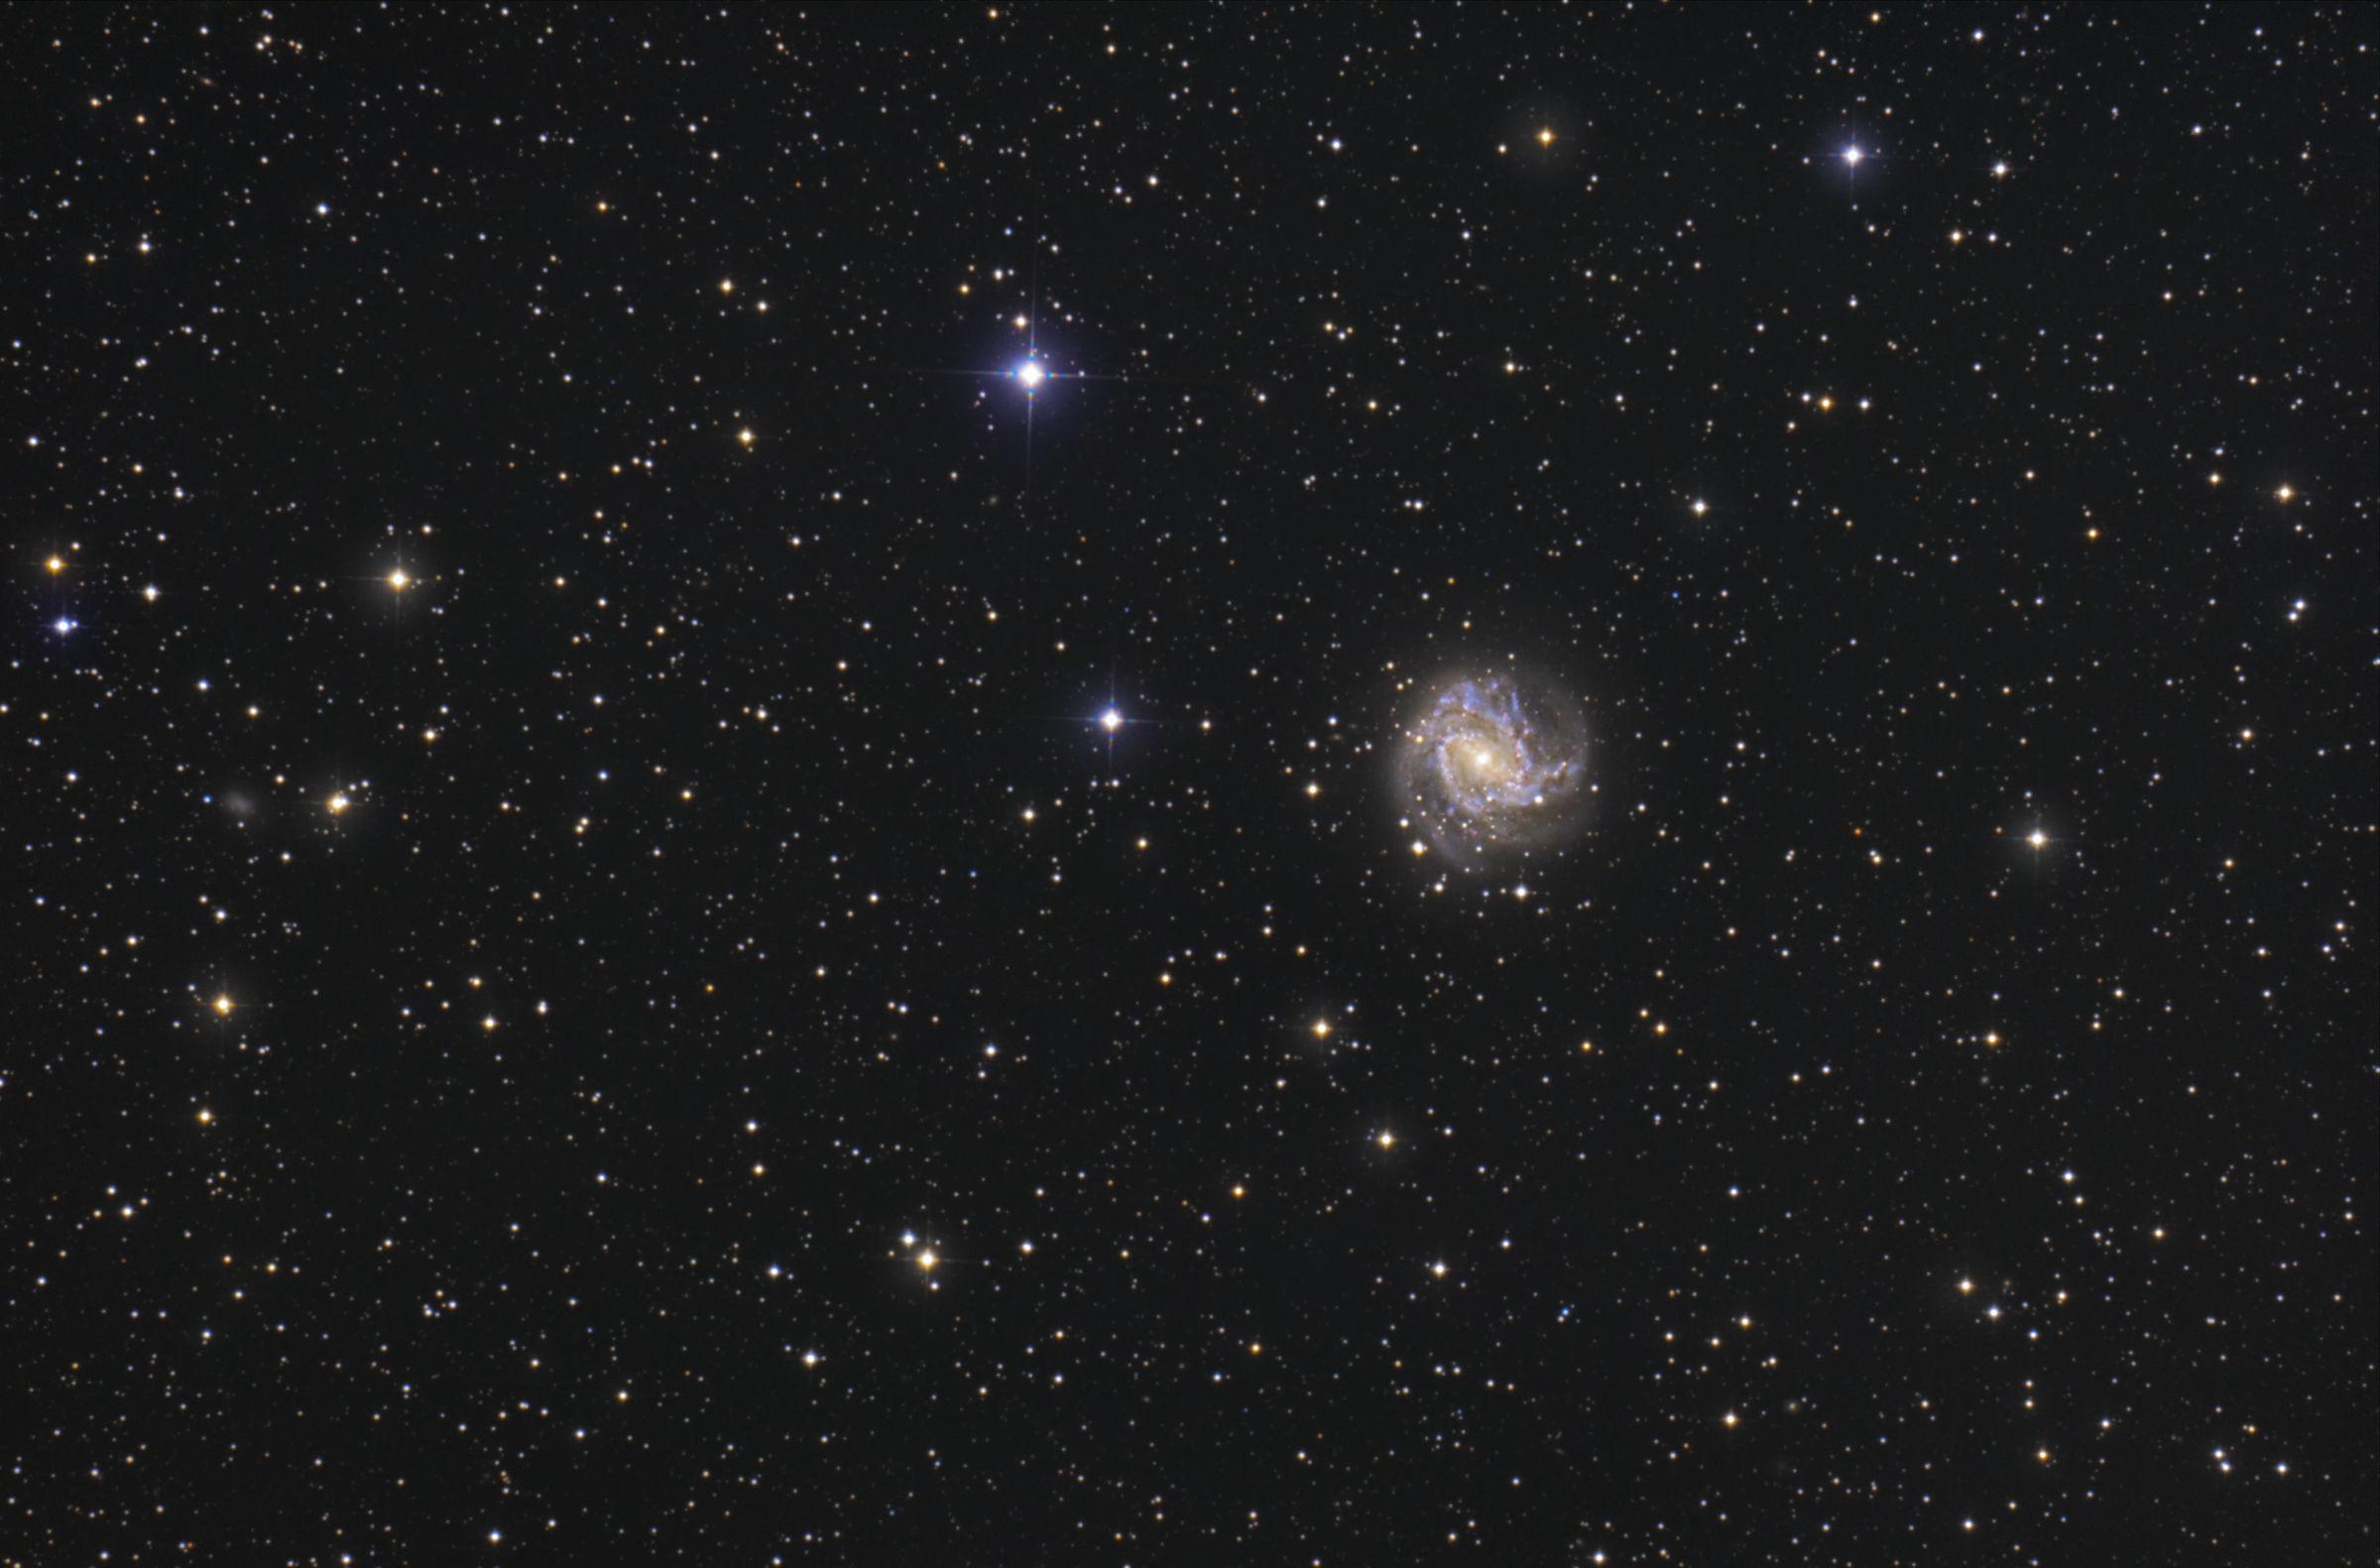 【銀河】M83 南の回転花火銀河